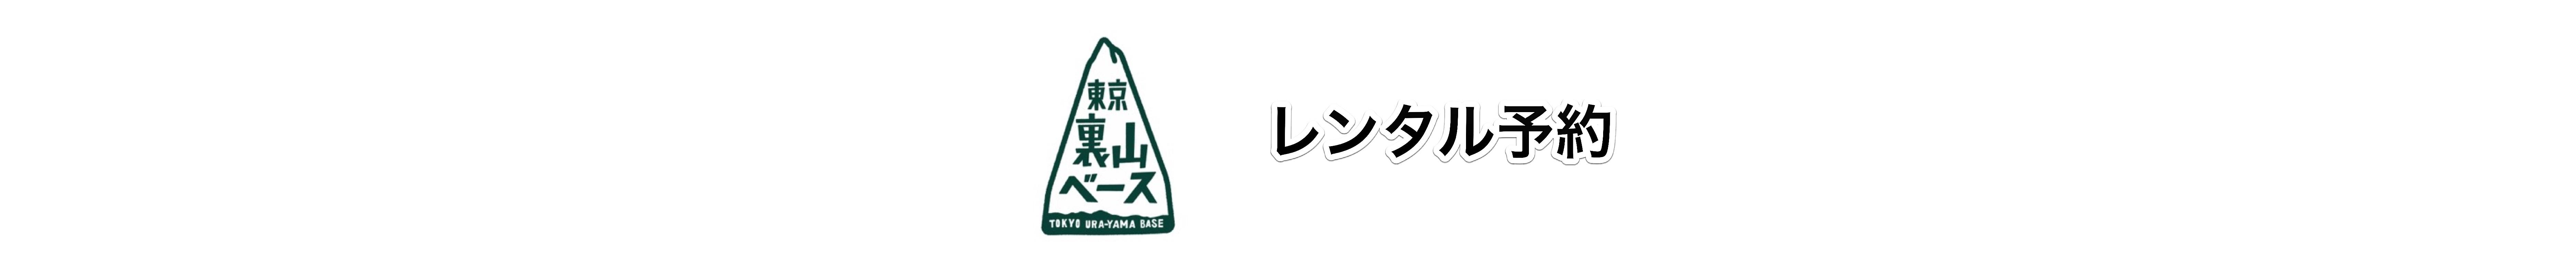 東京裏山ワンダーランド【レンタル予約】@東京裏山ベース